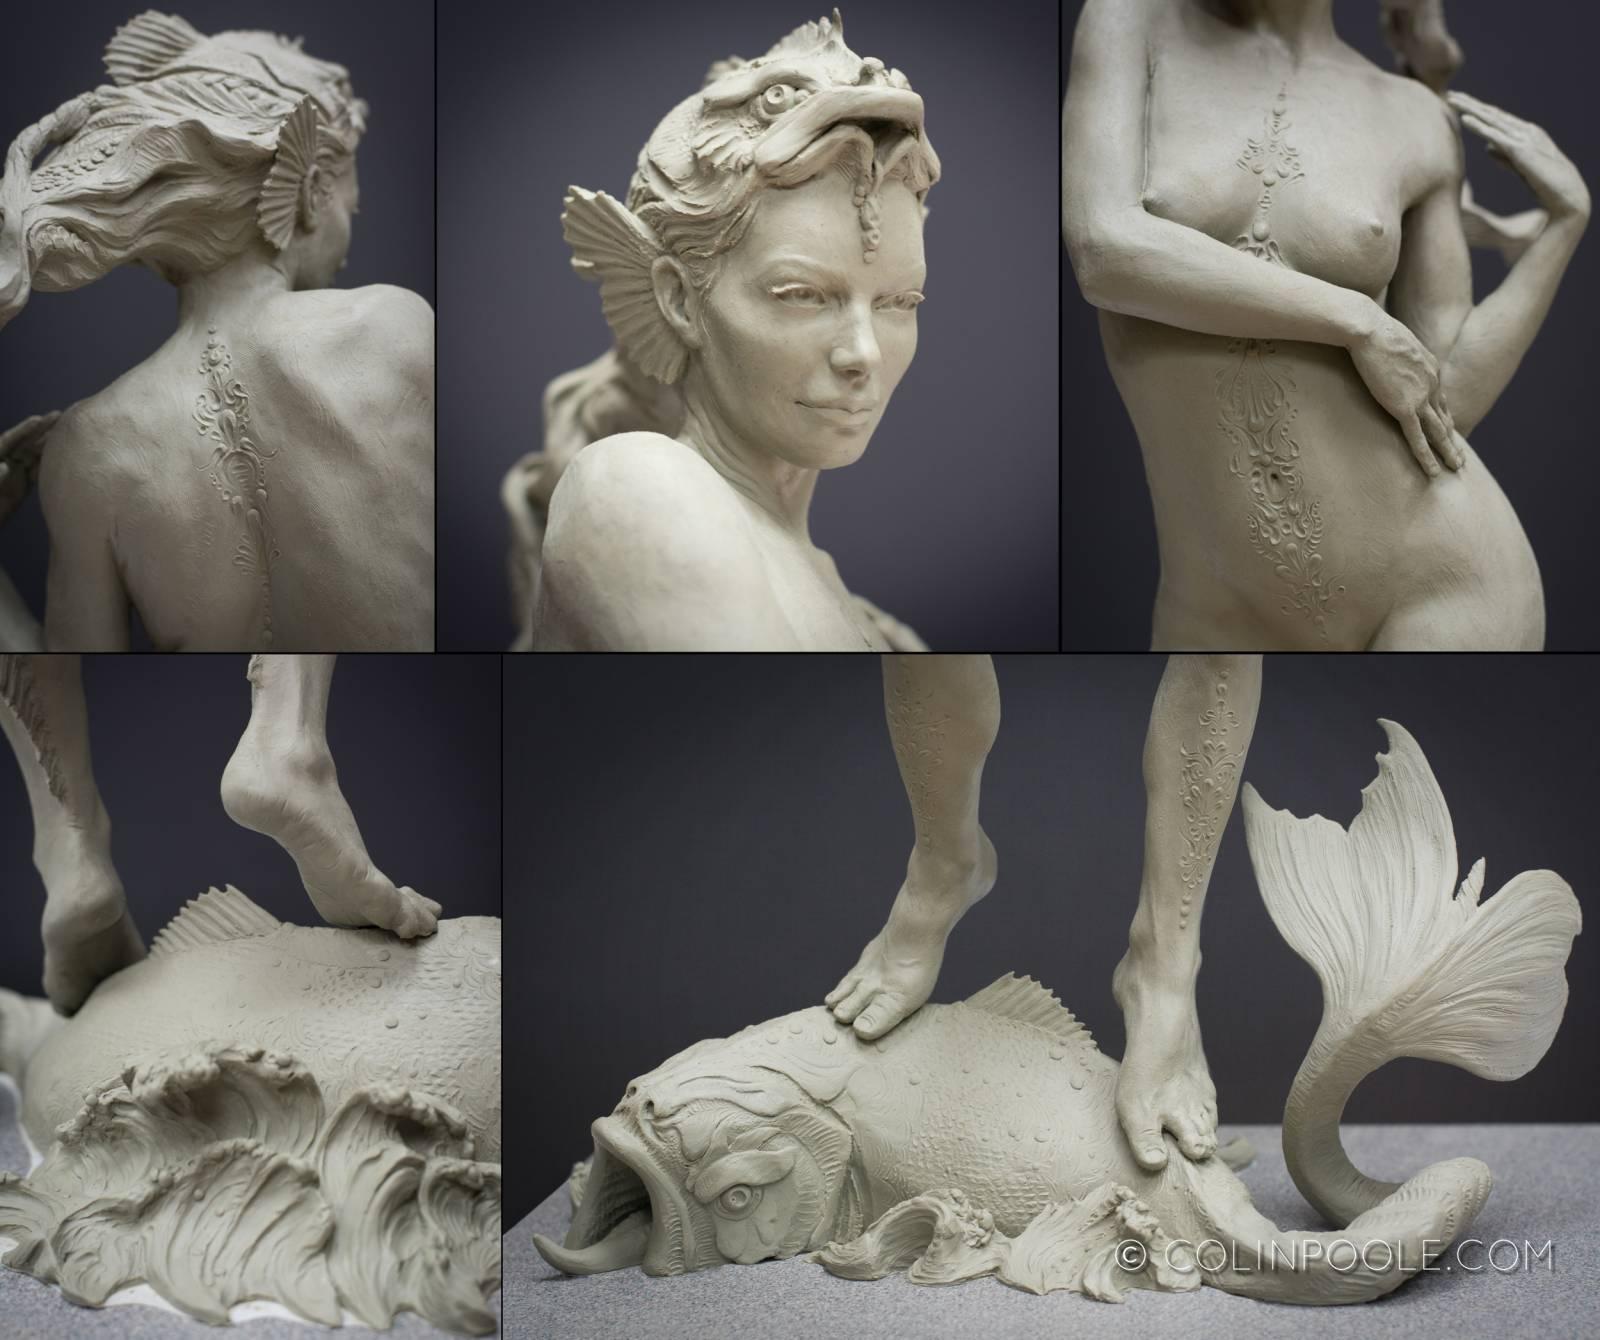 plasticene sculpture